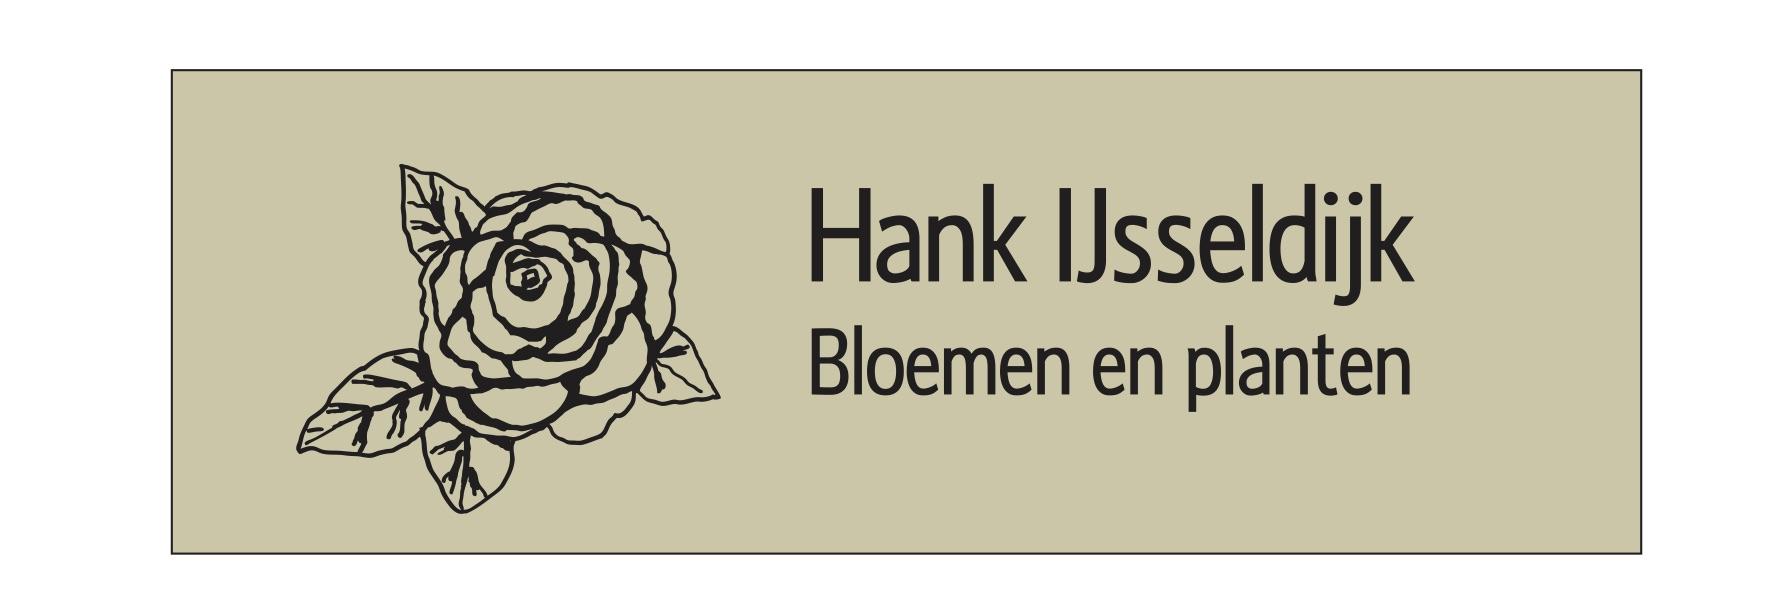 Logo Hank IJsseldijk